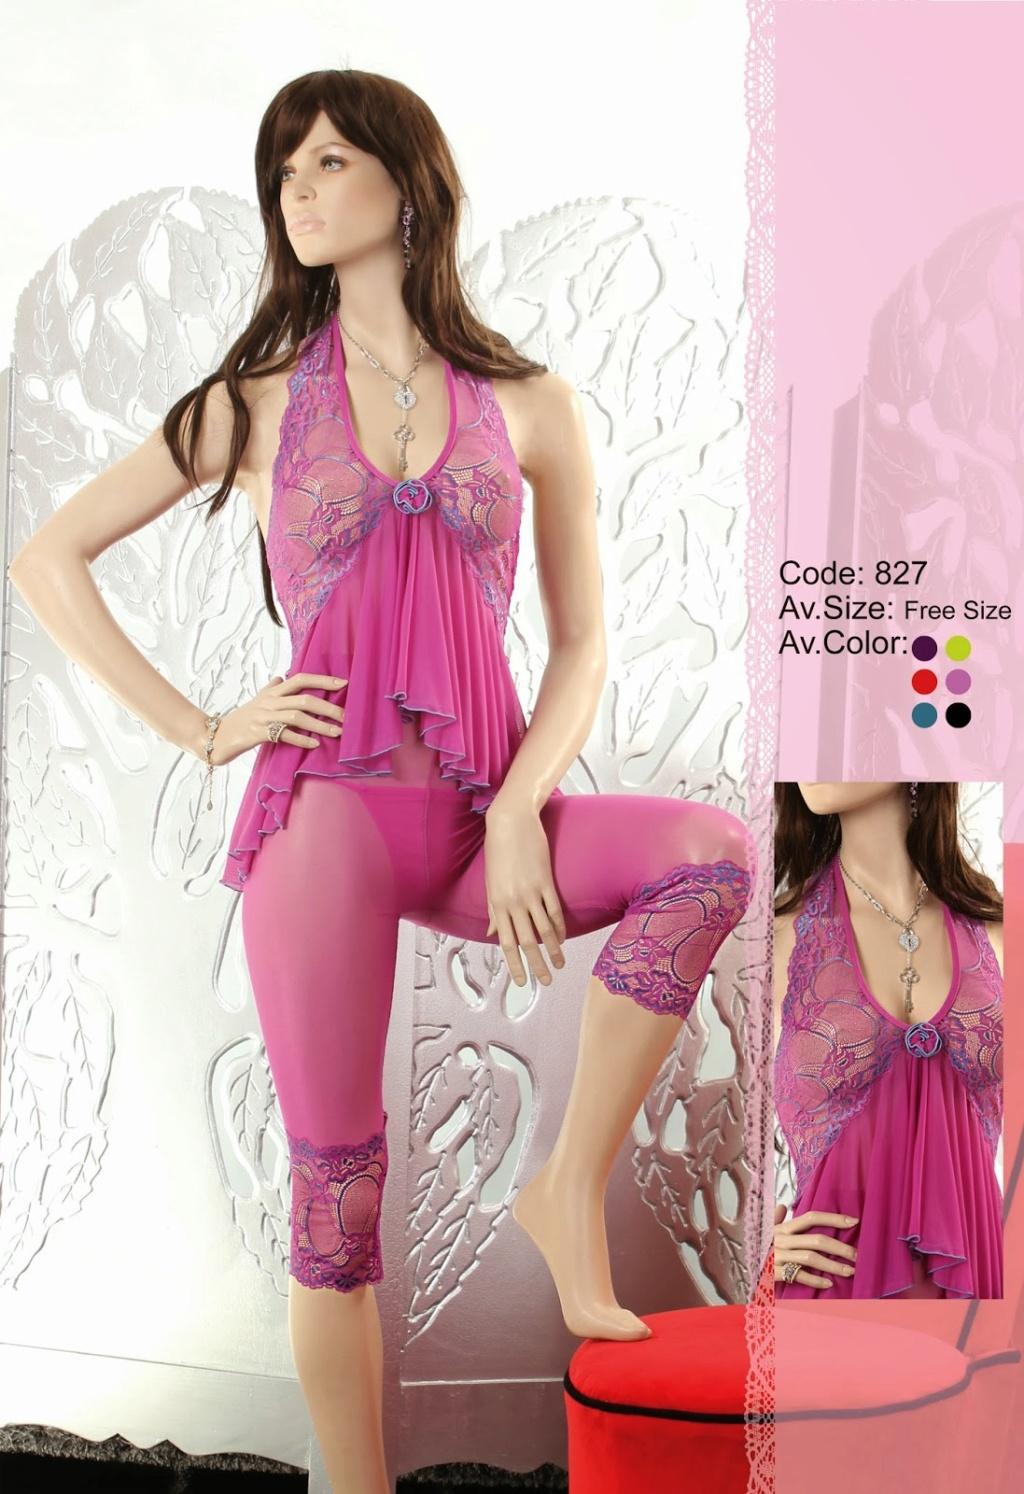 أناقة وموضة أزياء وملابس 511